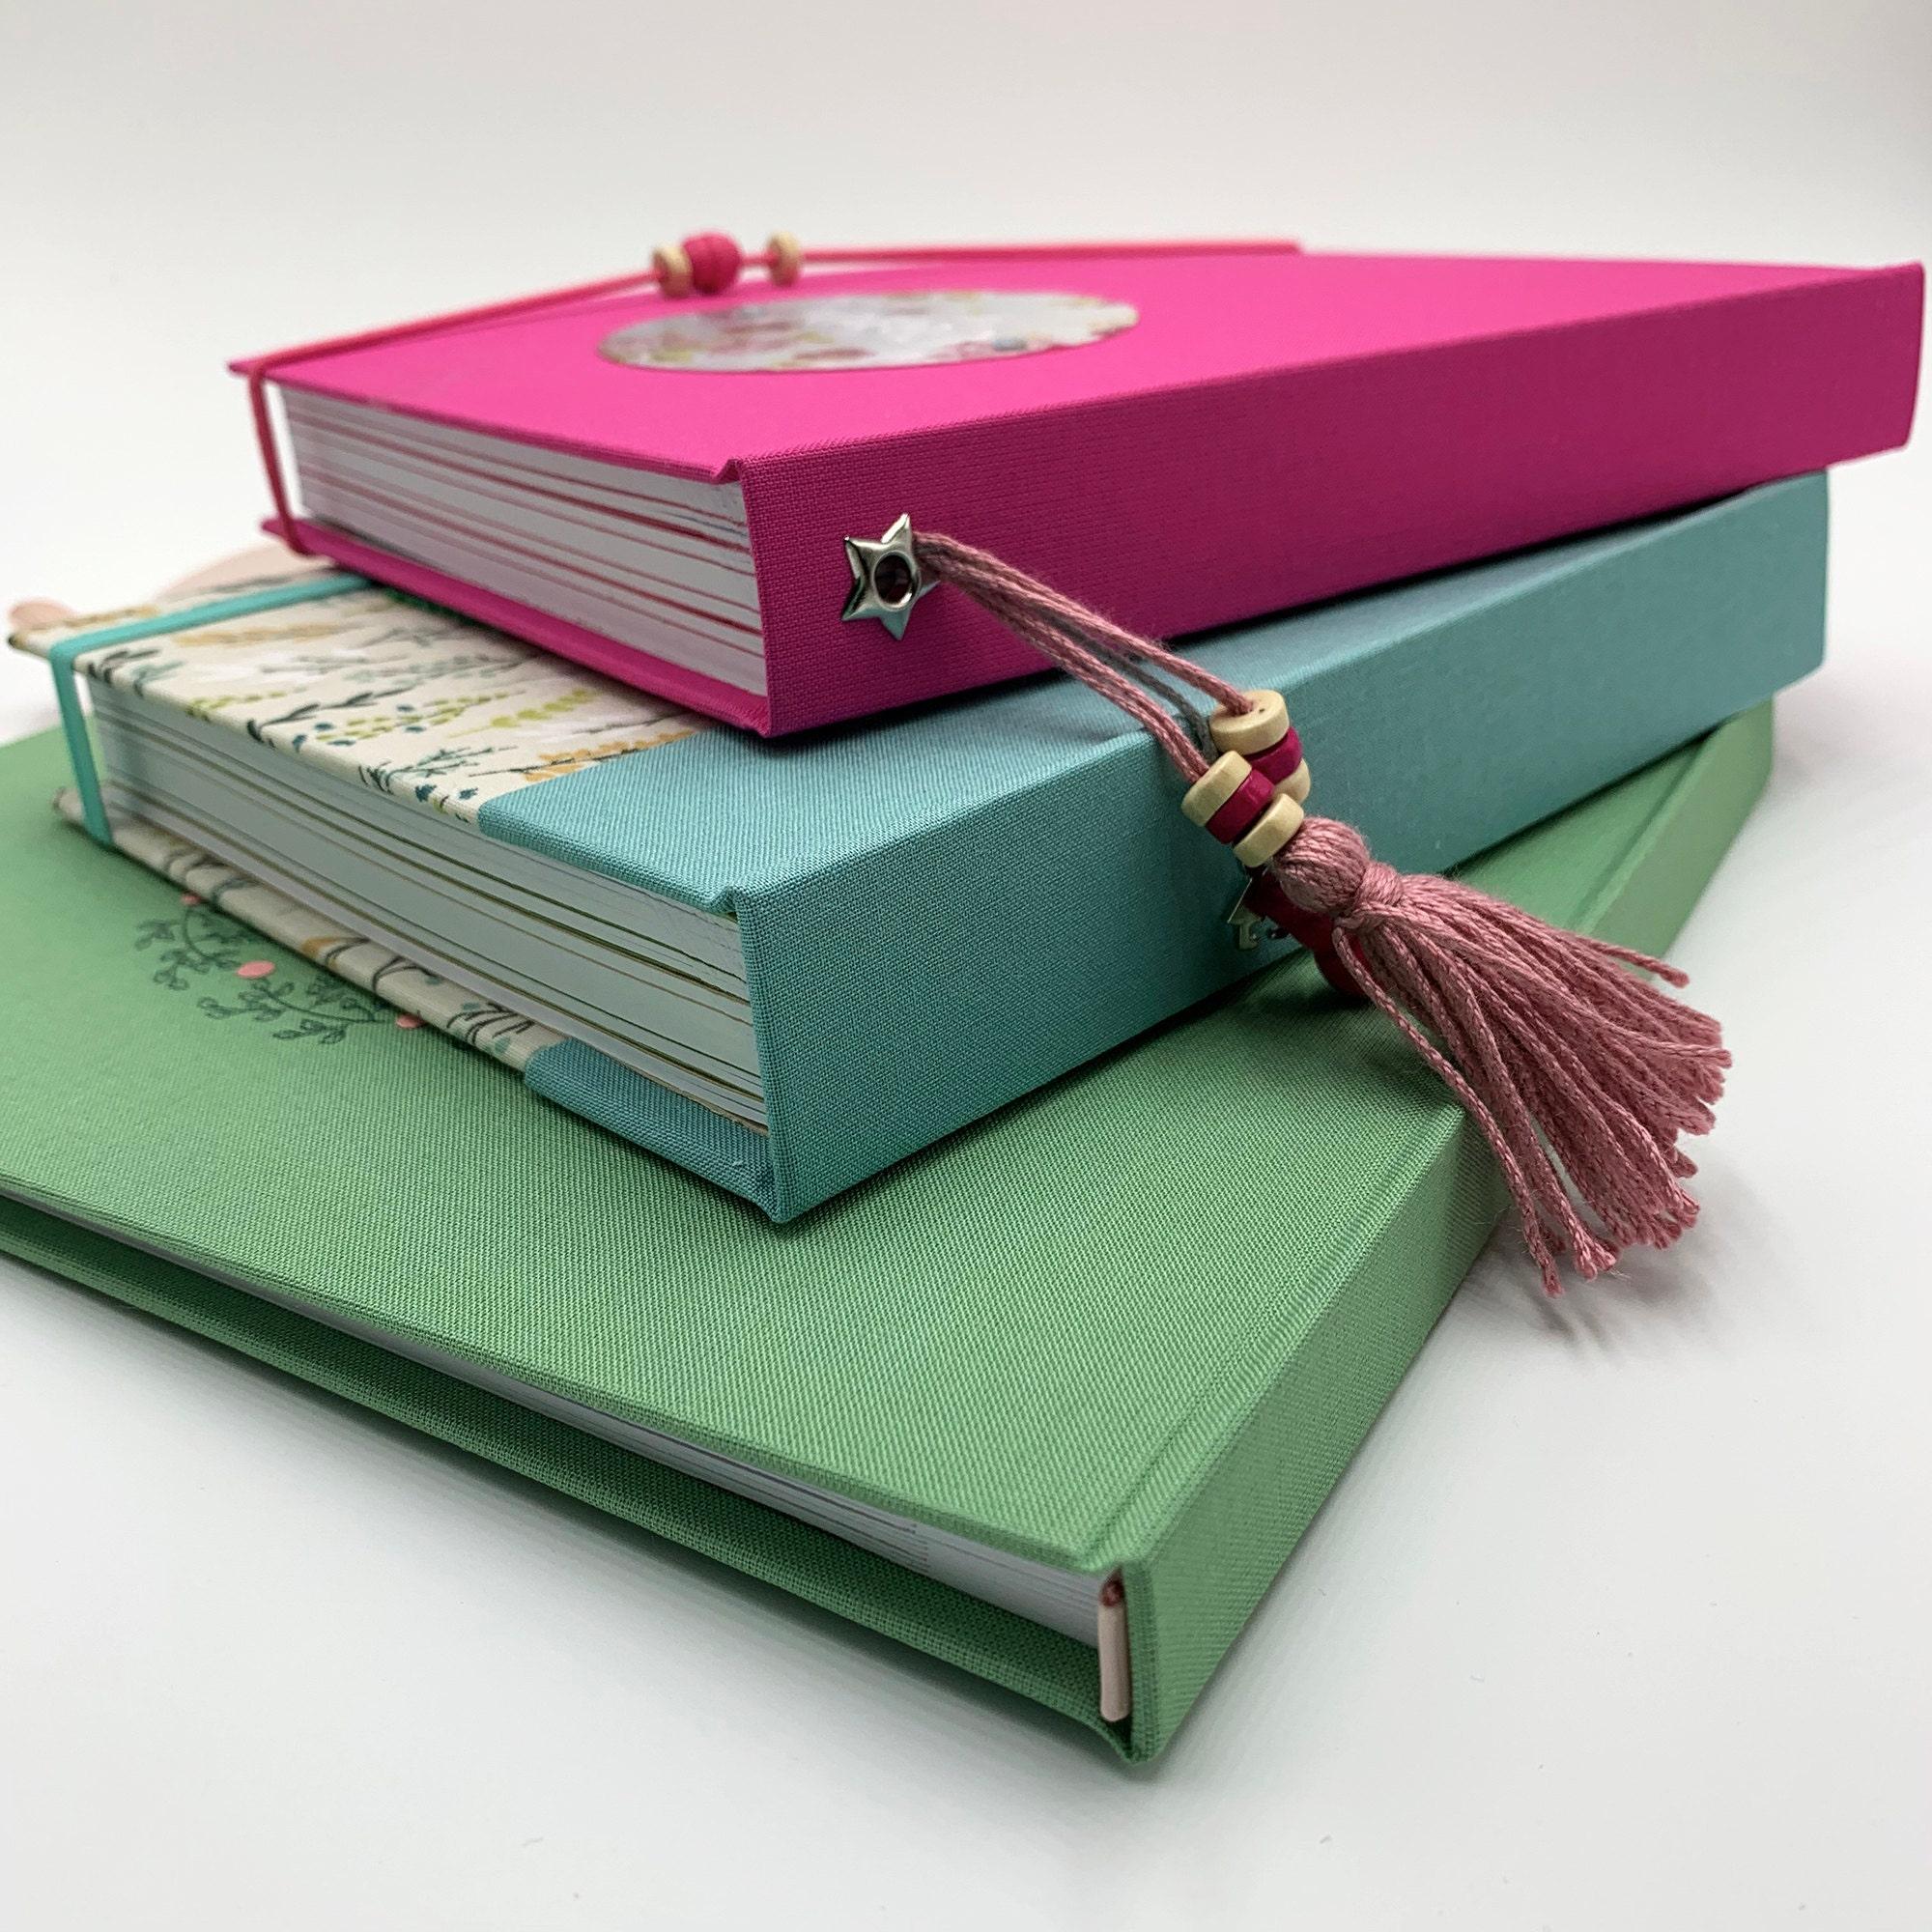 Imagen con tres álbums y cuadernos de b-paper con el lomo recto